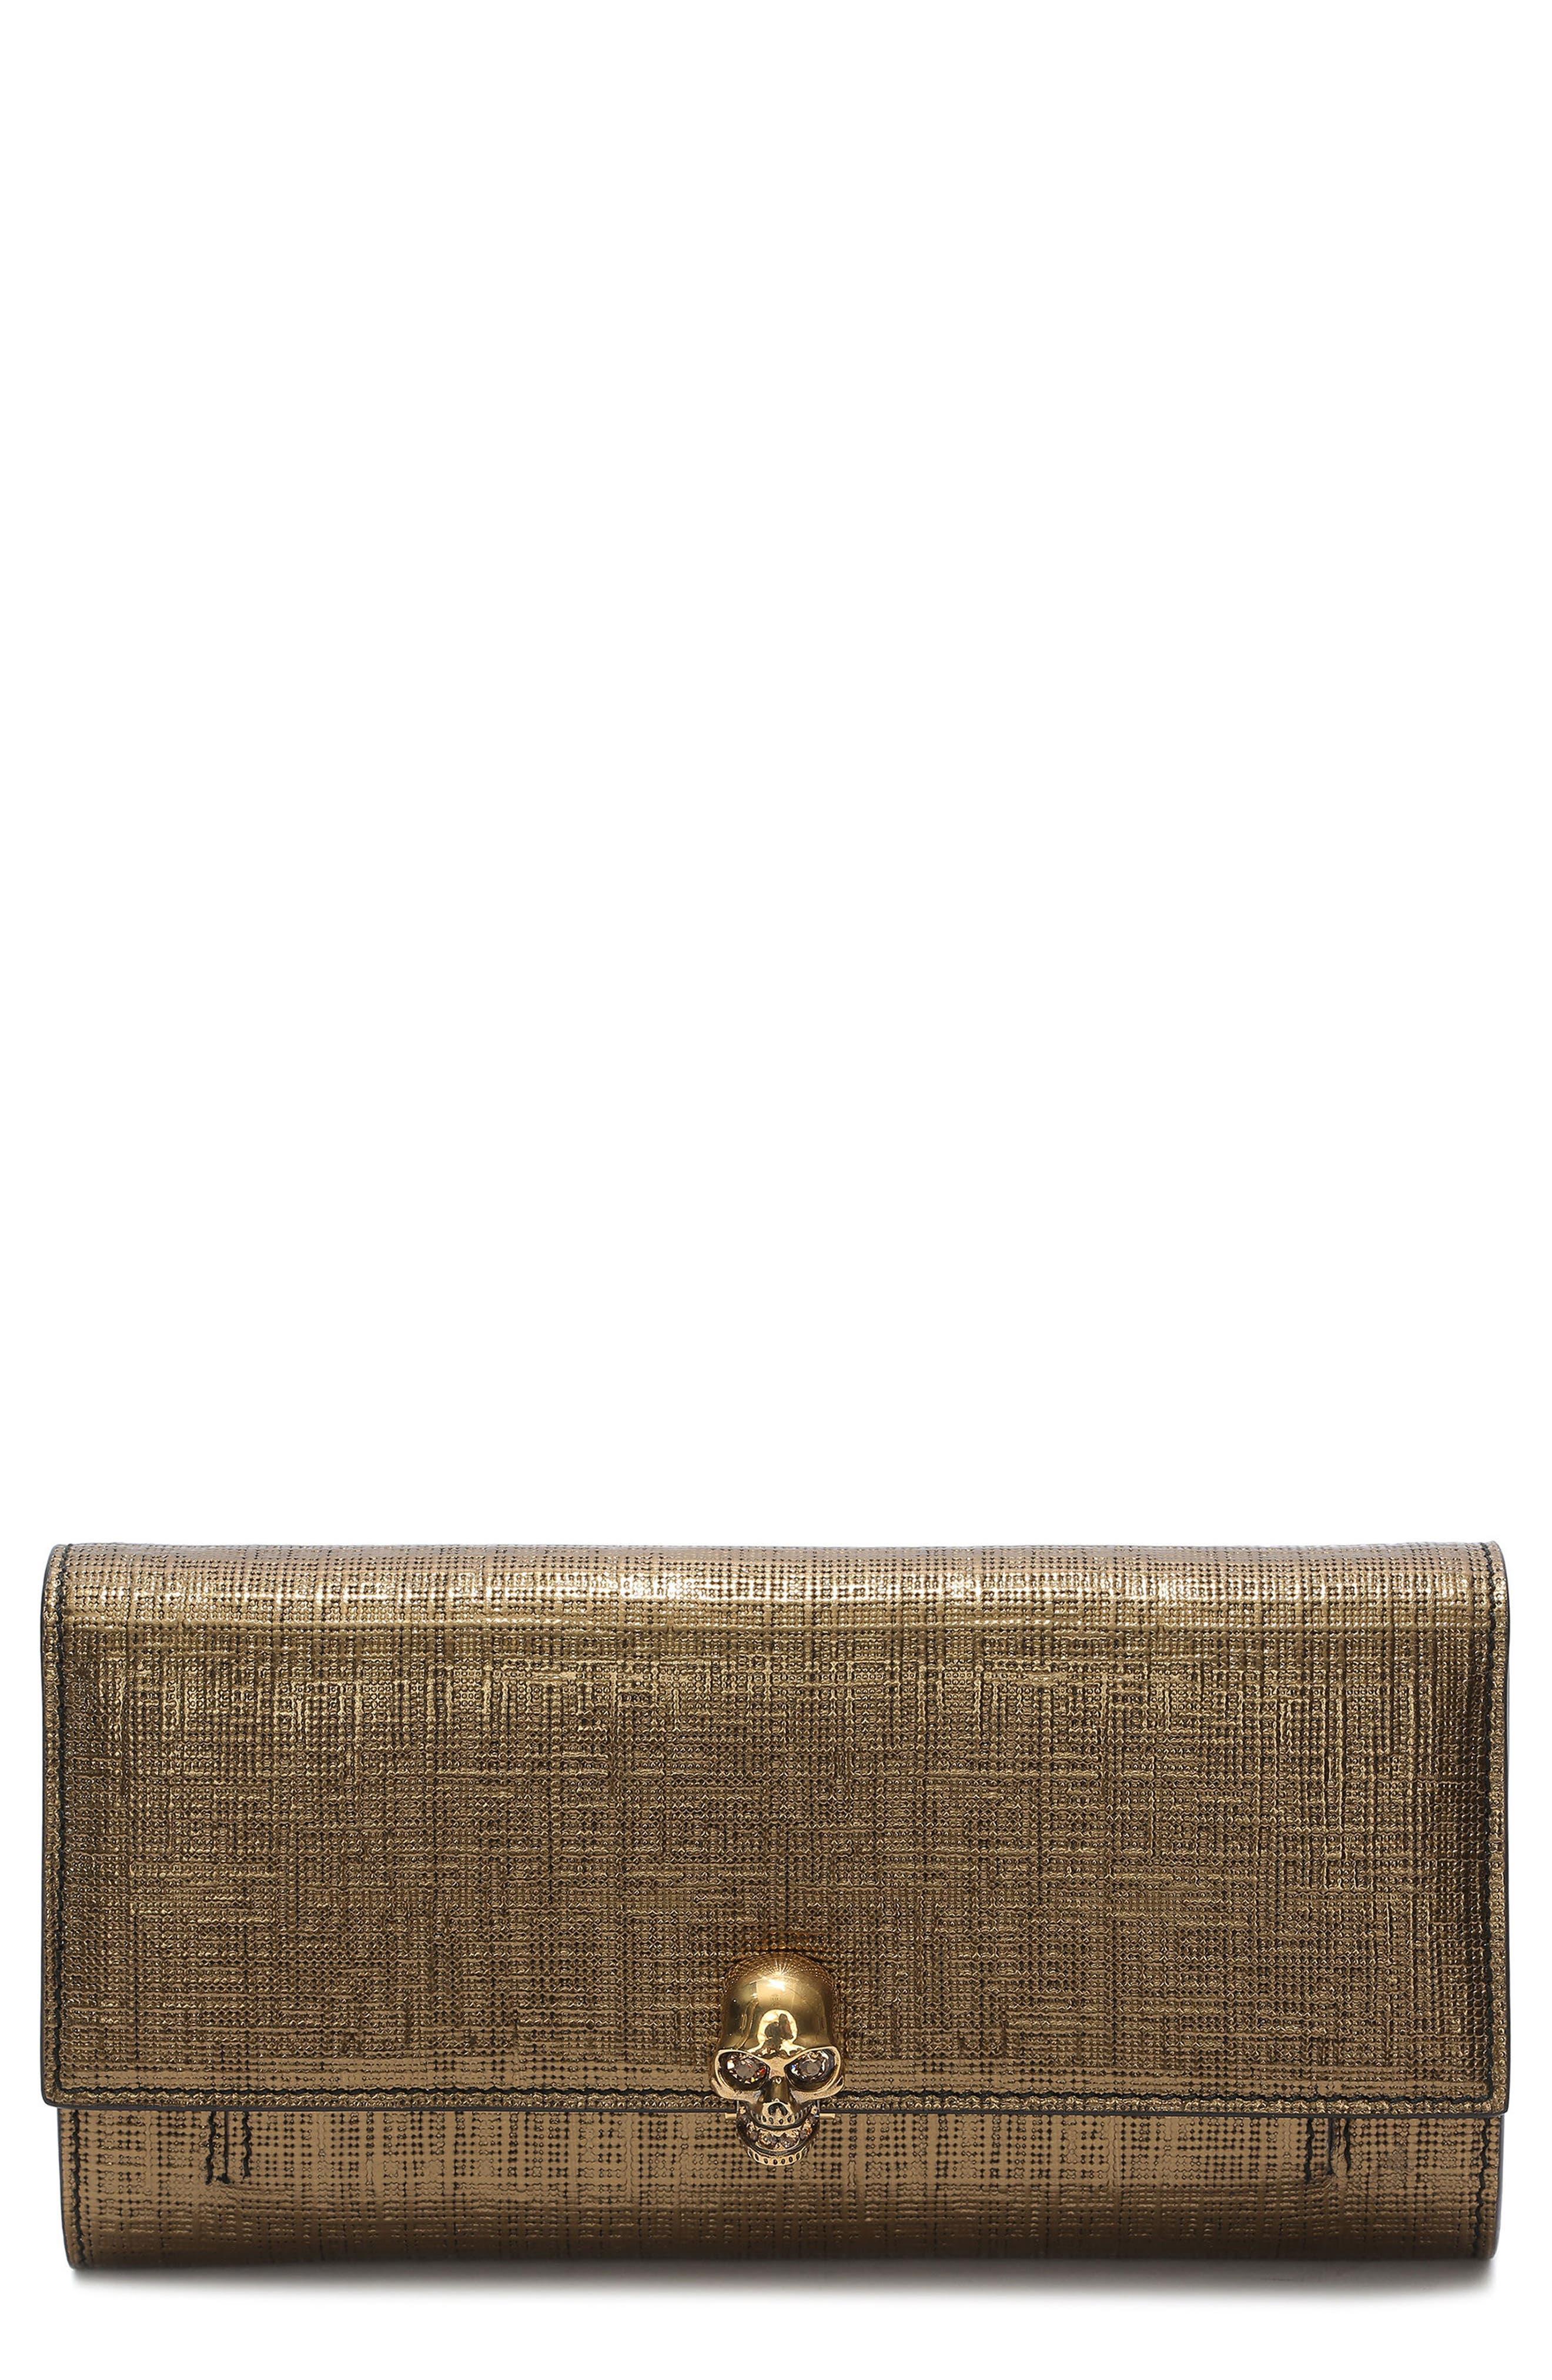 Alexander McQueen Calfskin Leather Wallet on a Chain